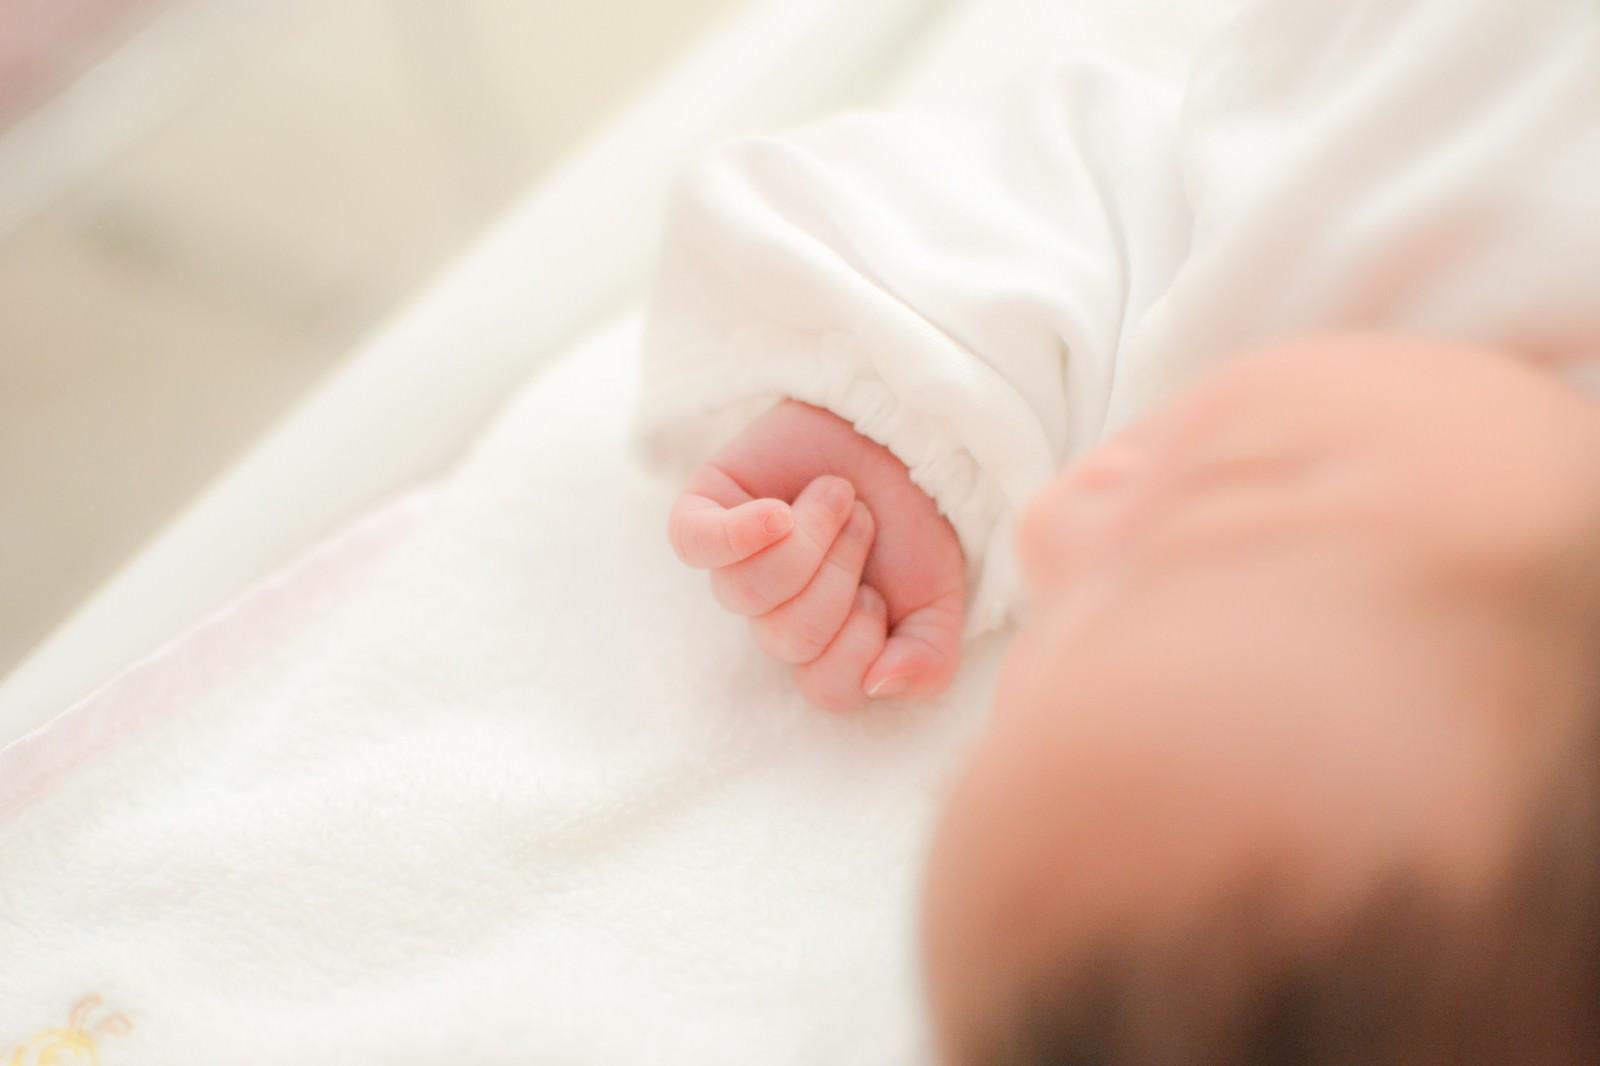 「生まれたばかりの赤ちゃん」の写真